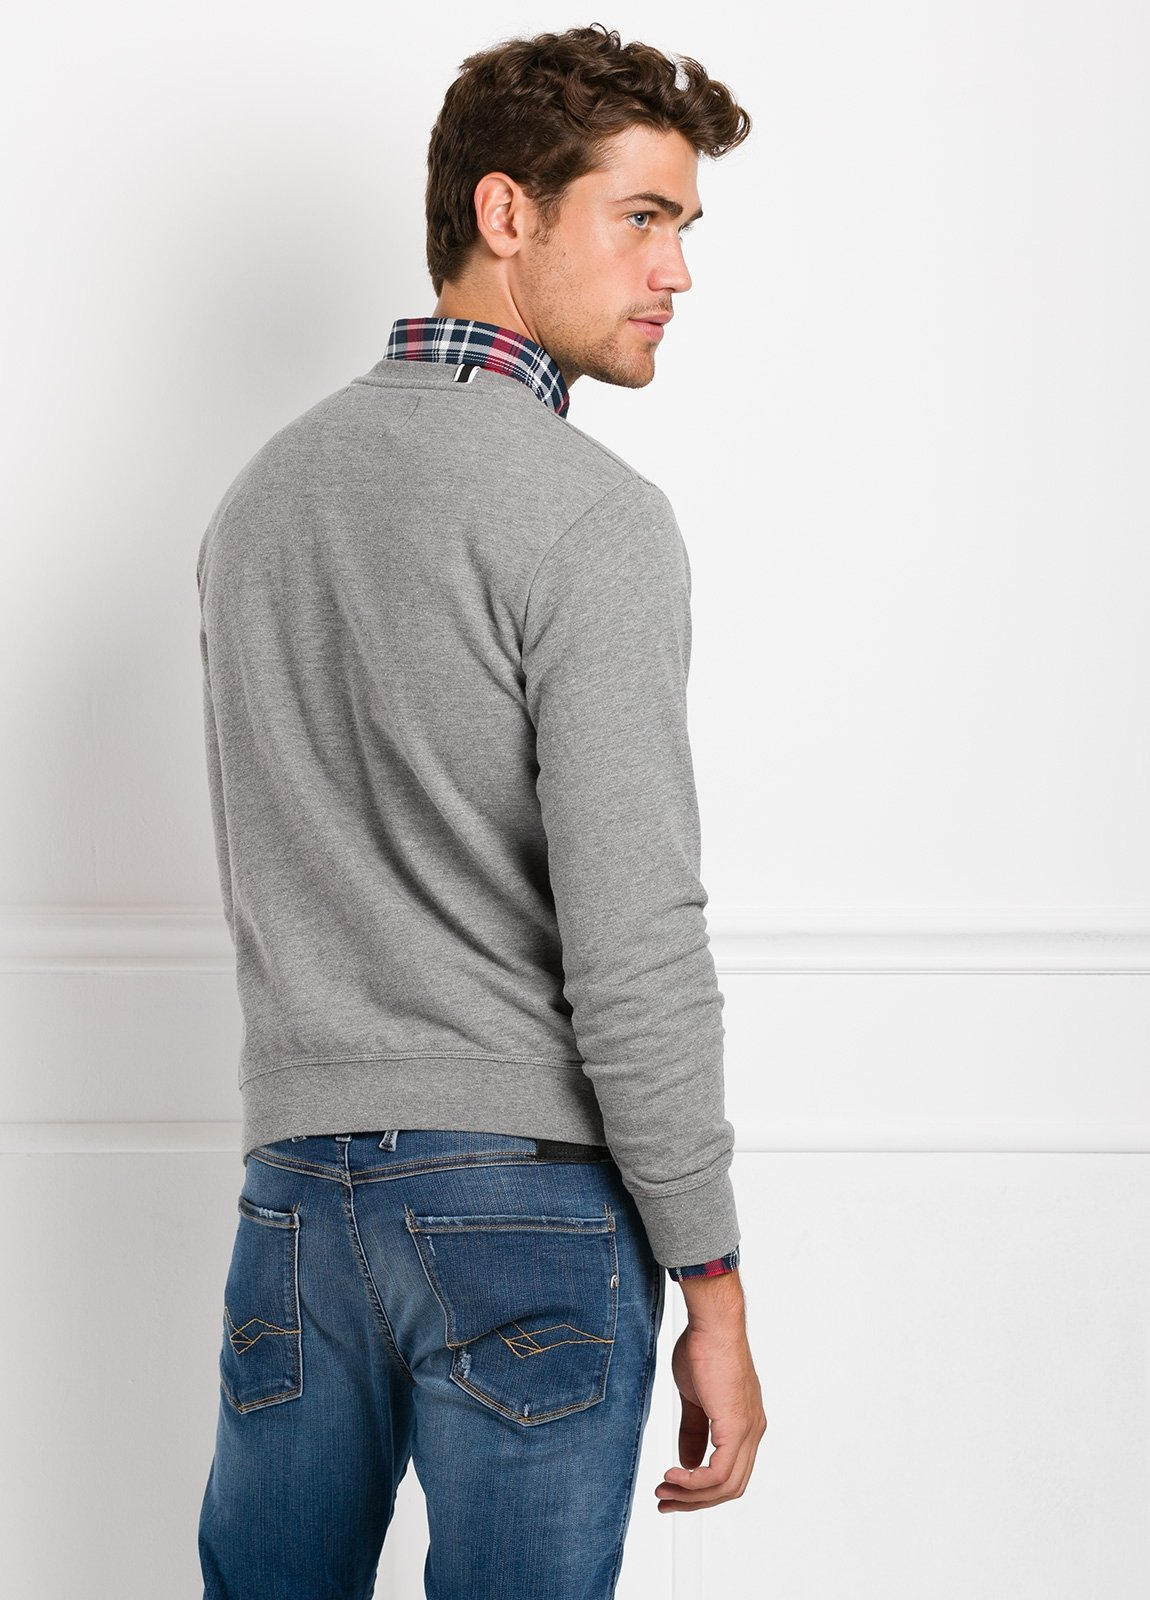 Sudadera cuello redondo, color gris con logotipo estampado en el pecho. 100% Algodón. - Ítem1